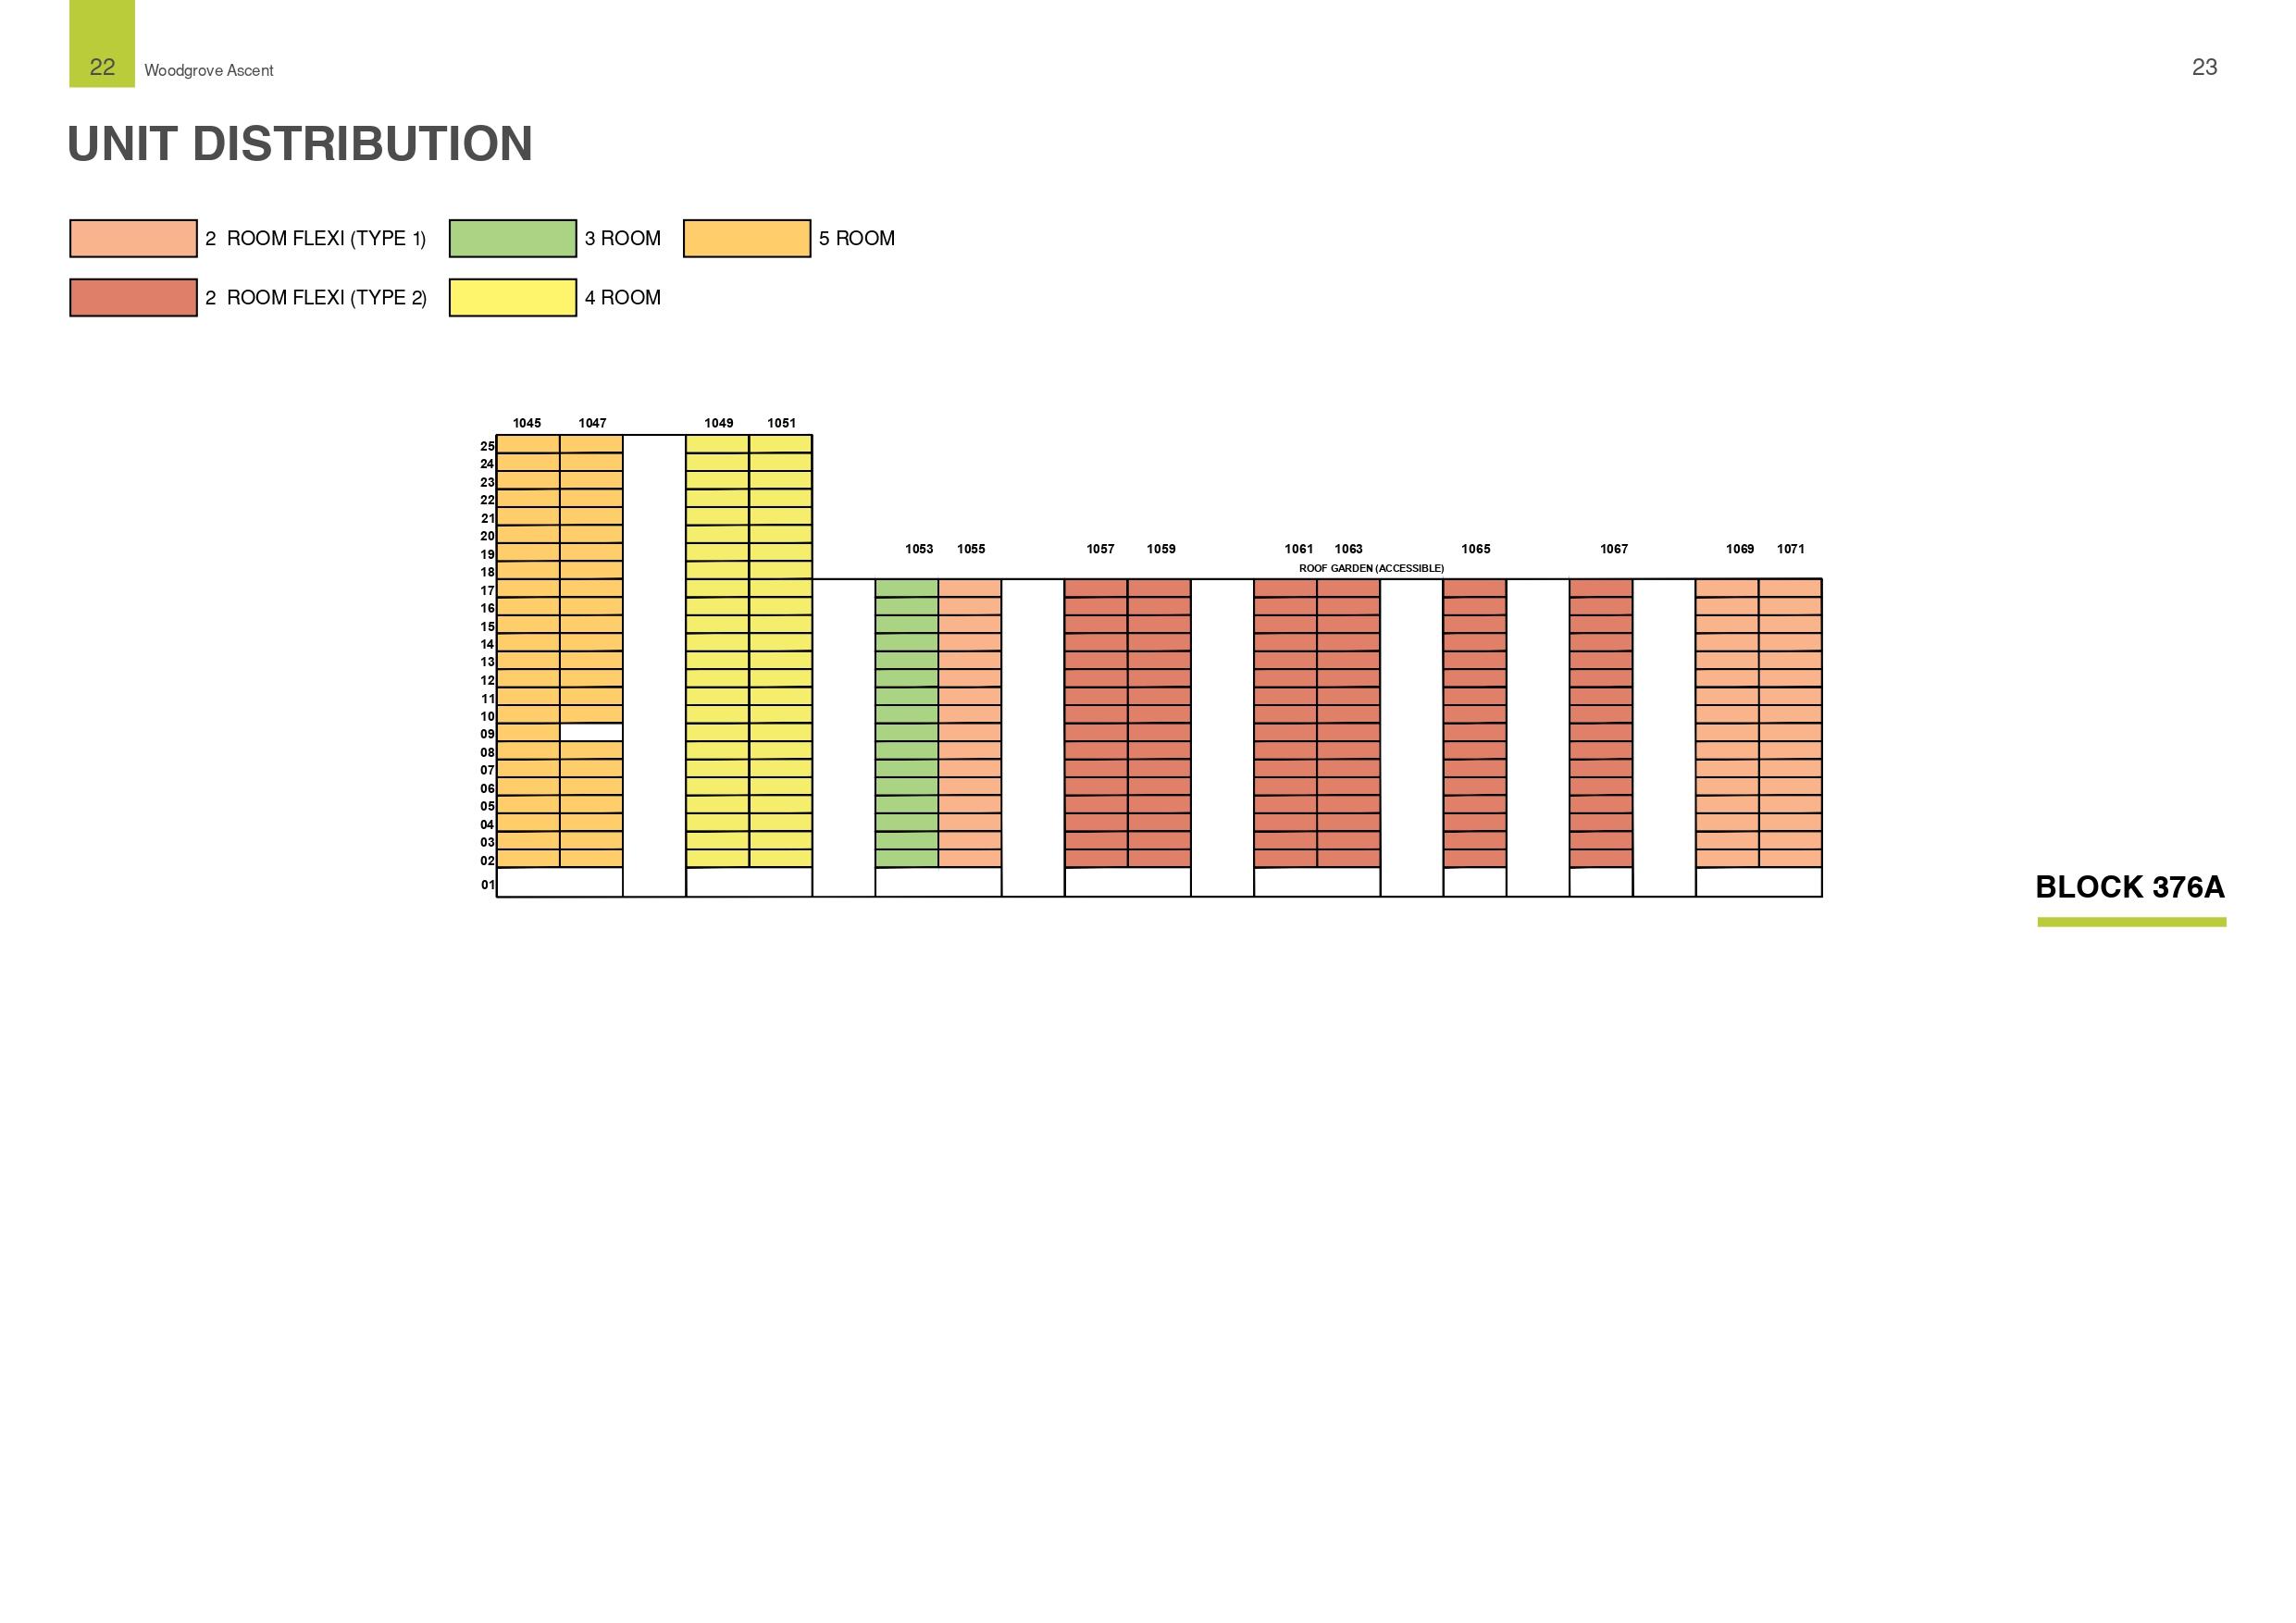 Woodgrove Ascent Unit Distribution 4